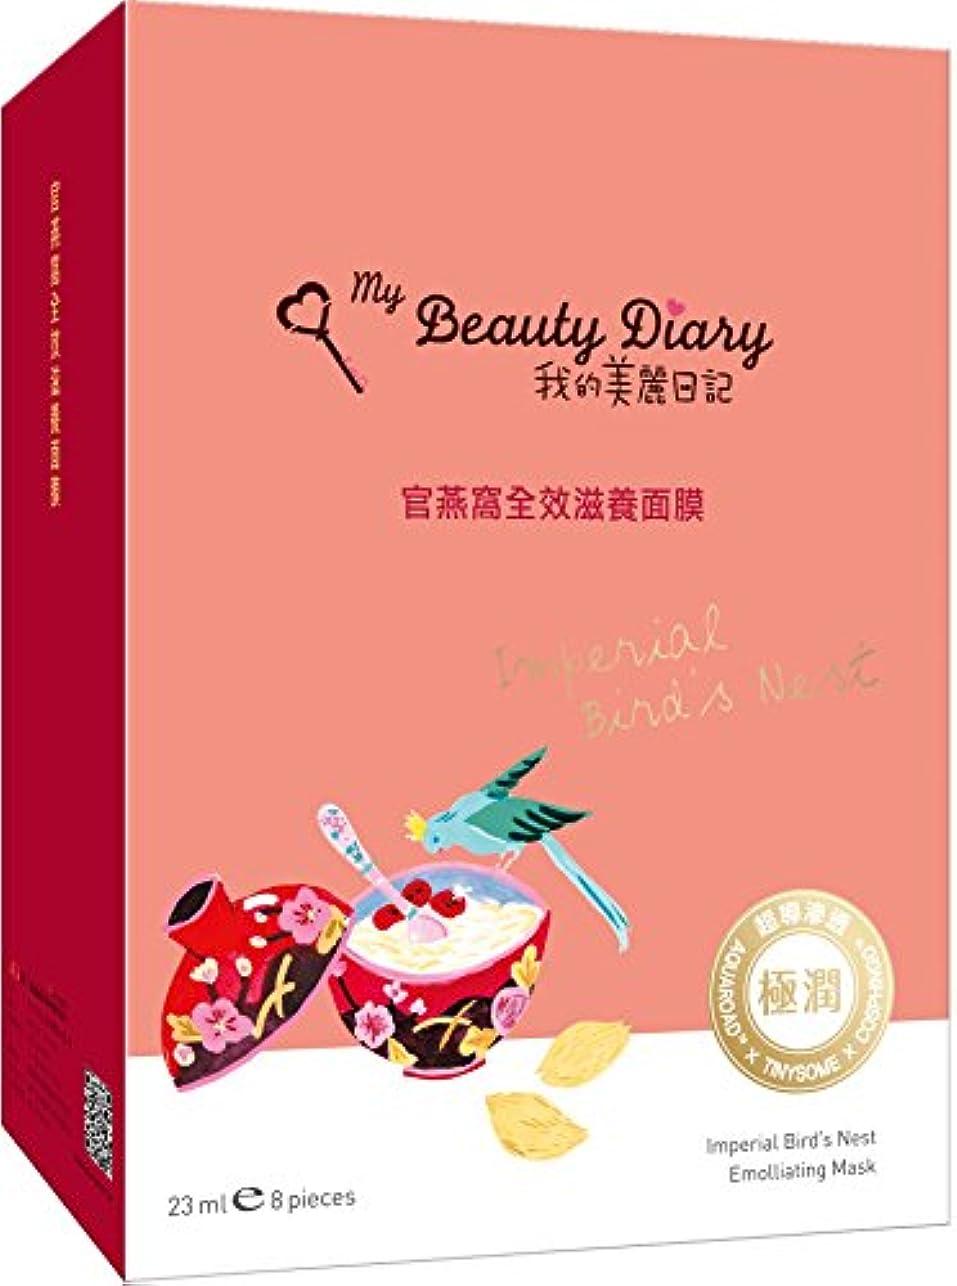 スペシャリスト愚かな式我的美麗日記 私のきれい日記 官ツバメの巣マスク 8枚入り [並行輸入品]